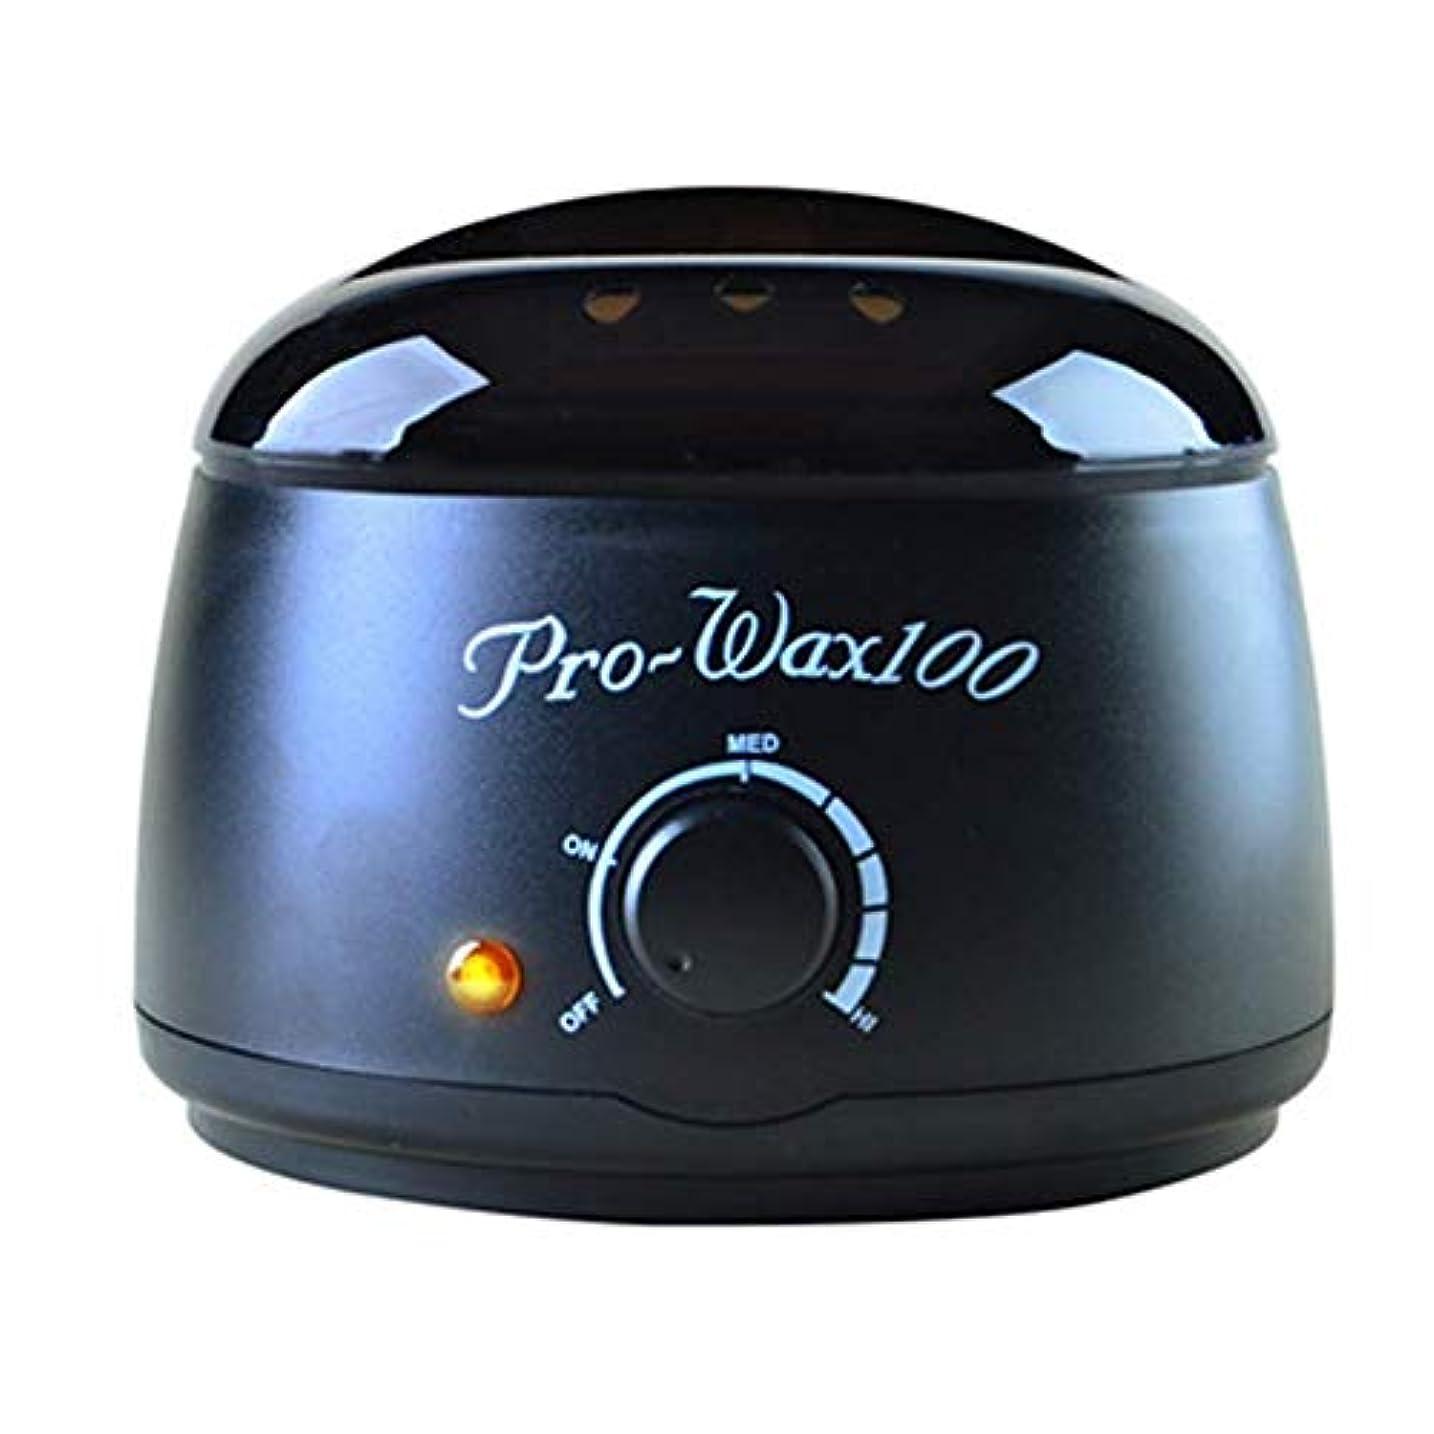 荒れ地瞑想リビジョンすべてのワックスタイプのための専門の電気ワックスヒーター、ワックスメルター可変温度とウォーマーと内蔵サーモ安全制御500ミリリットル脱毛脱毛のために